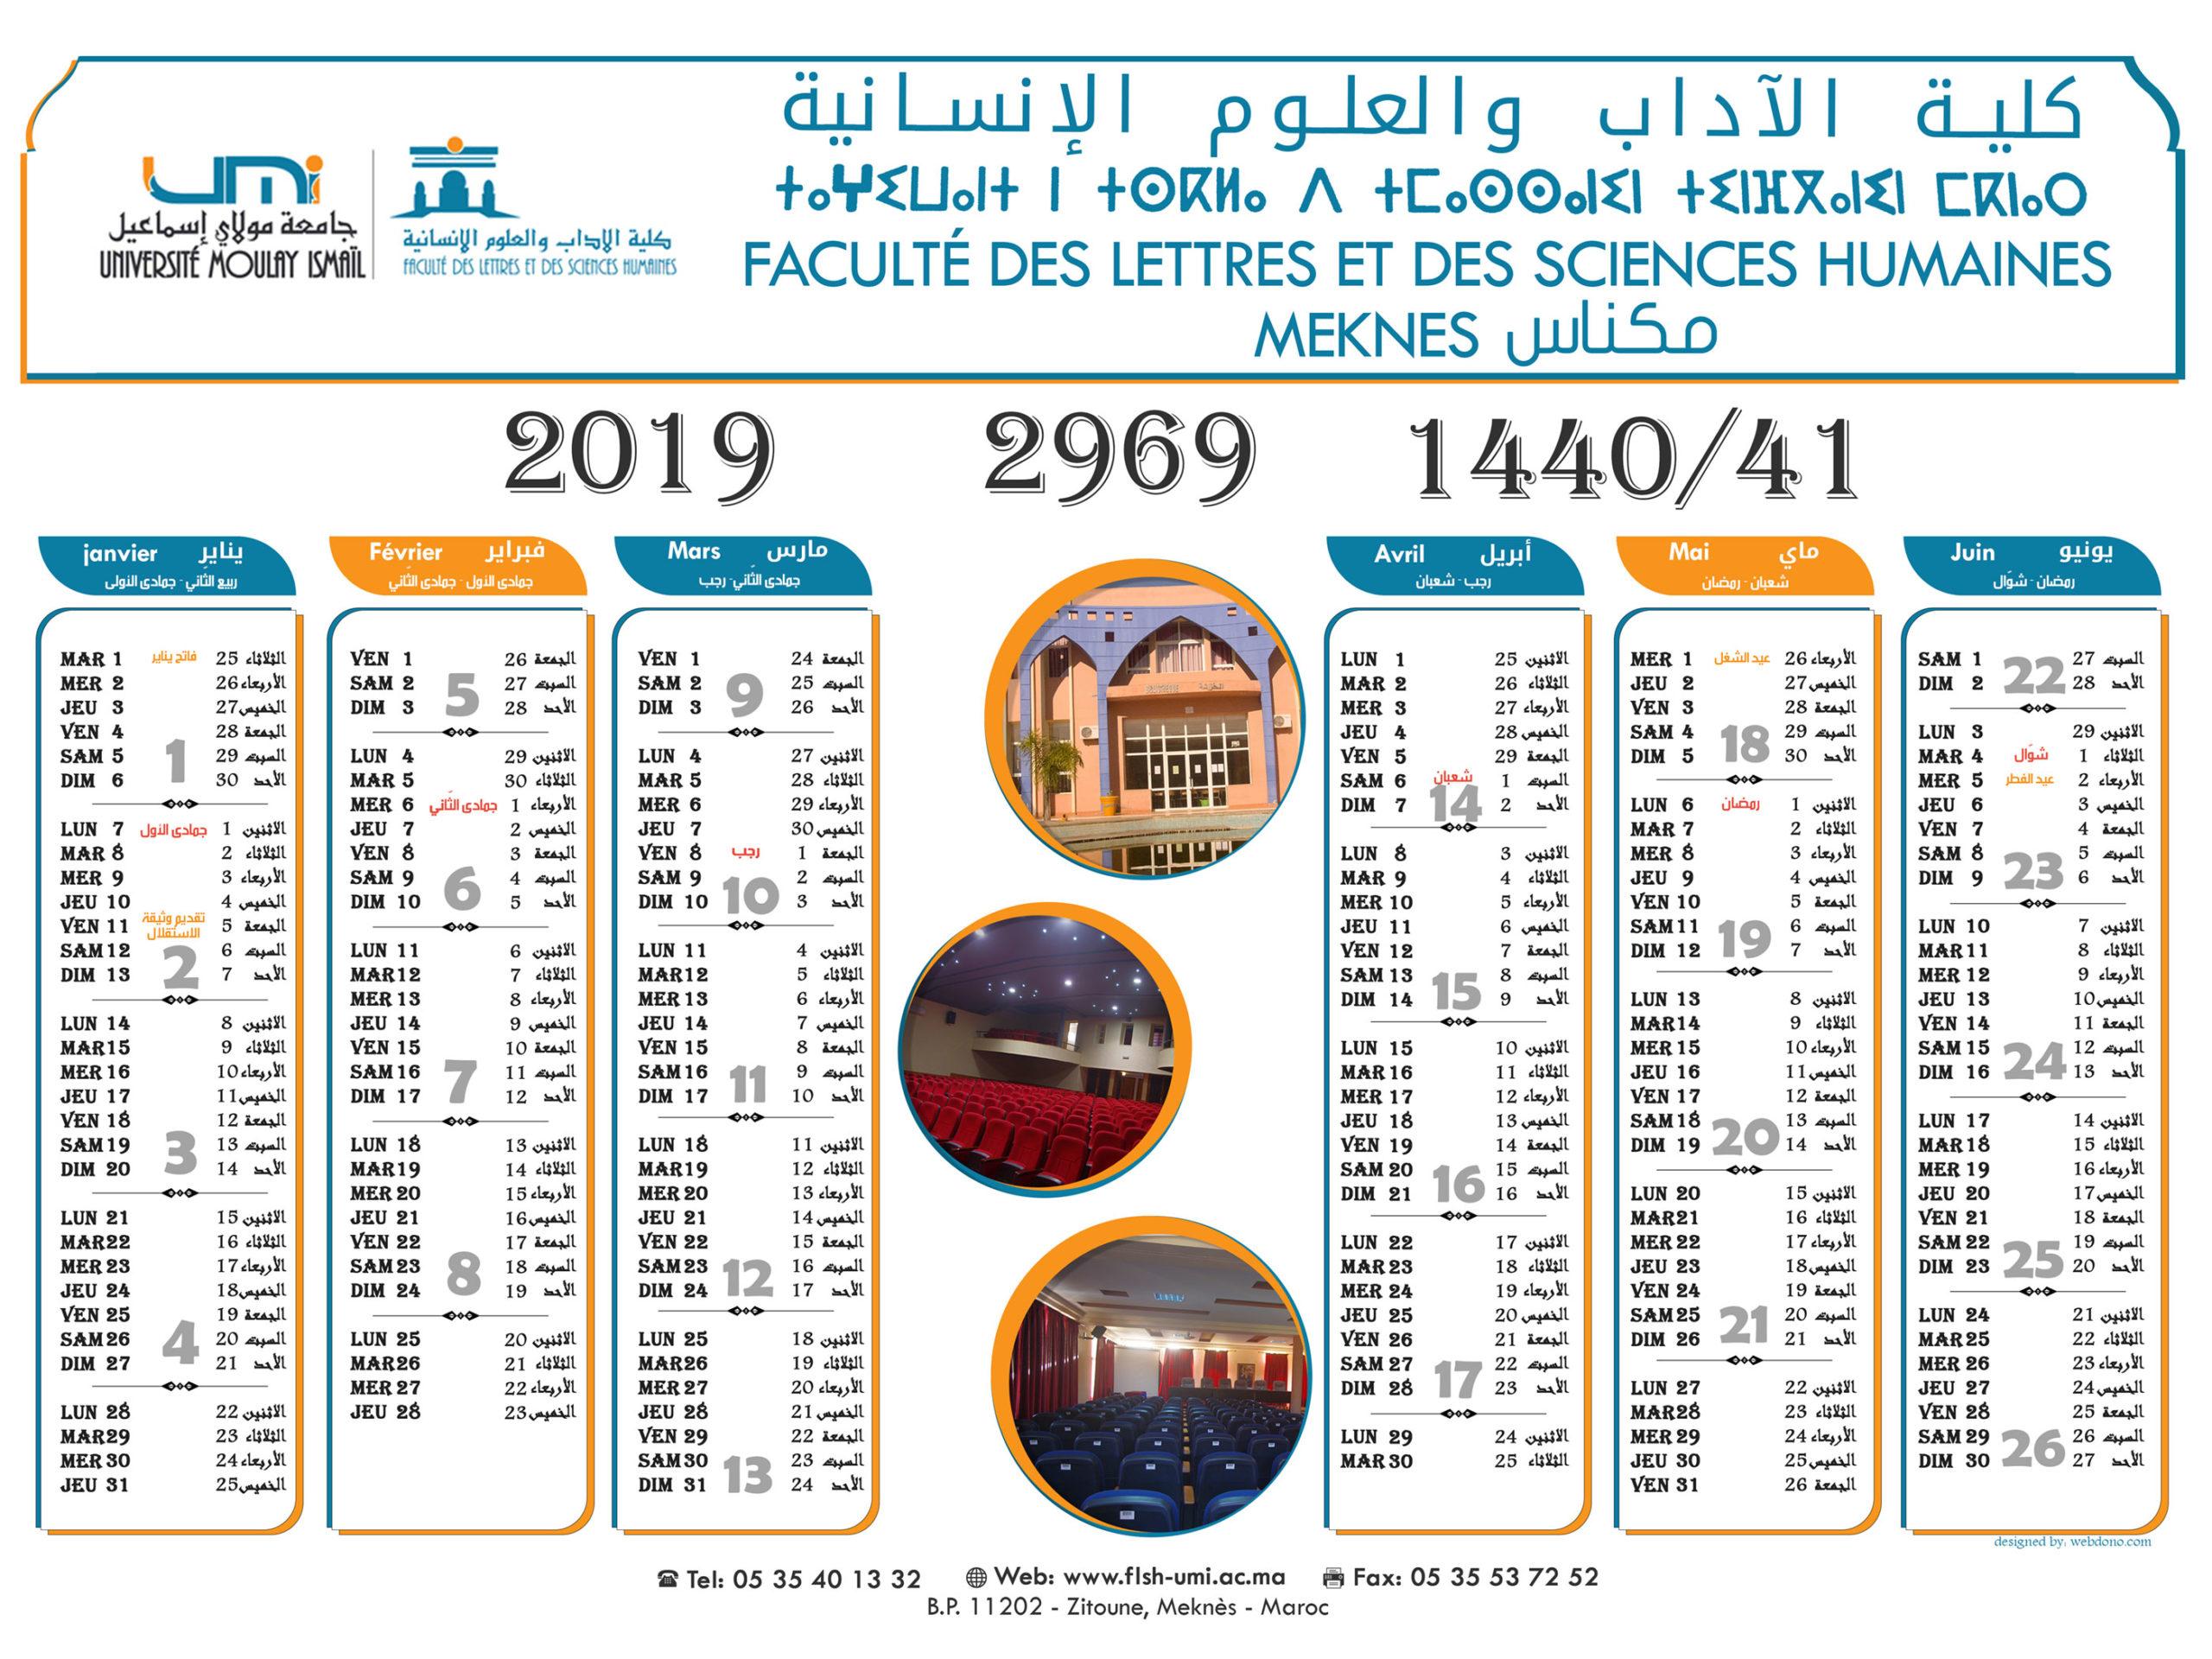 faculty-lettre-calendar-verso-2019